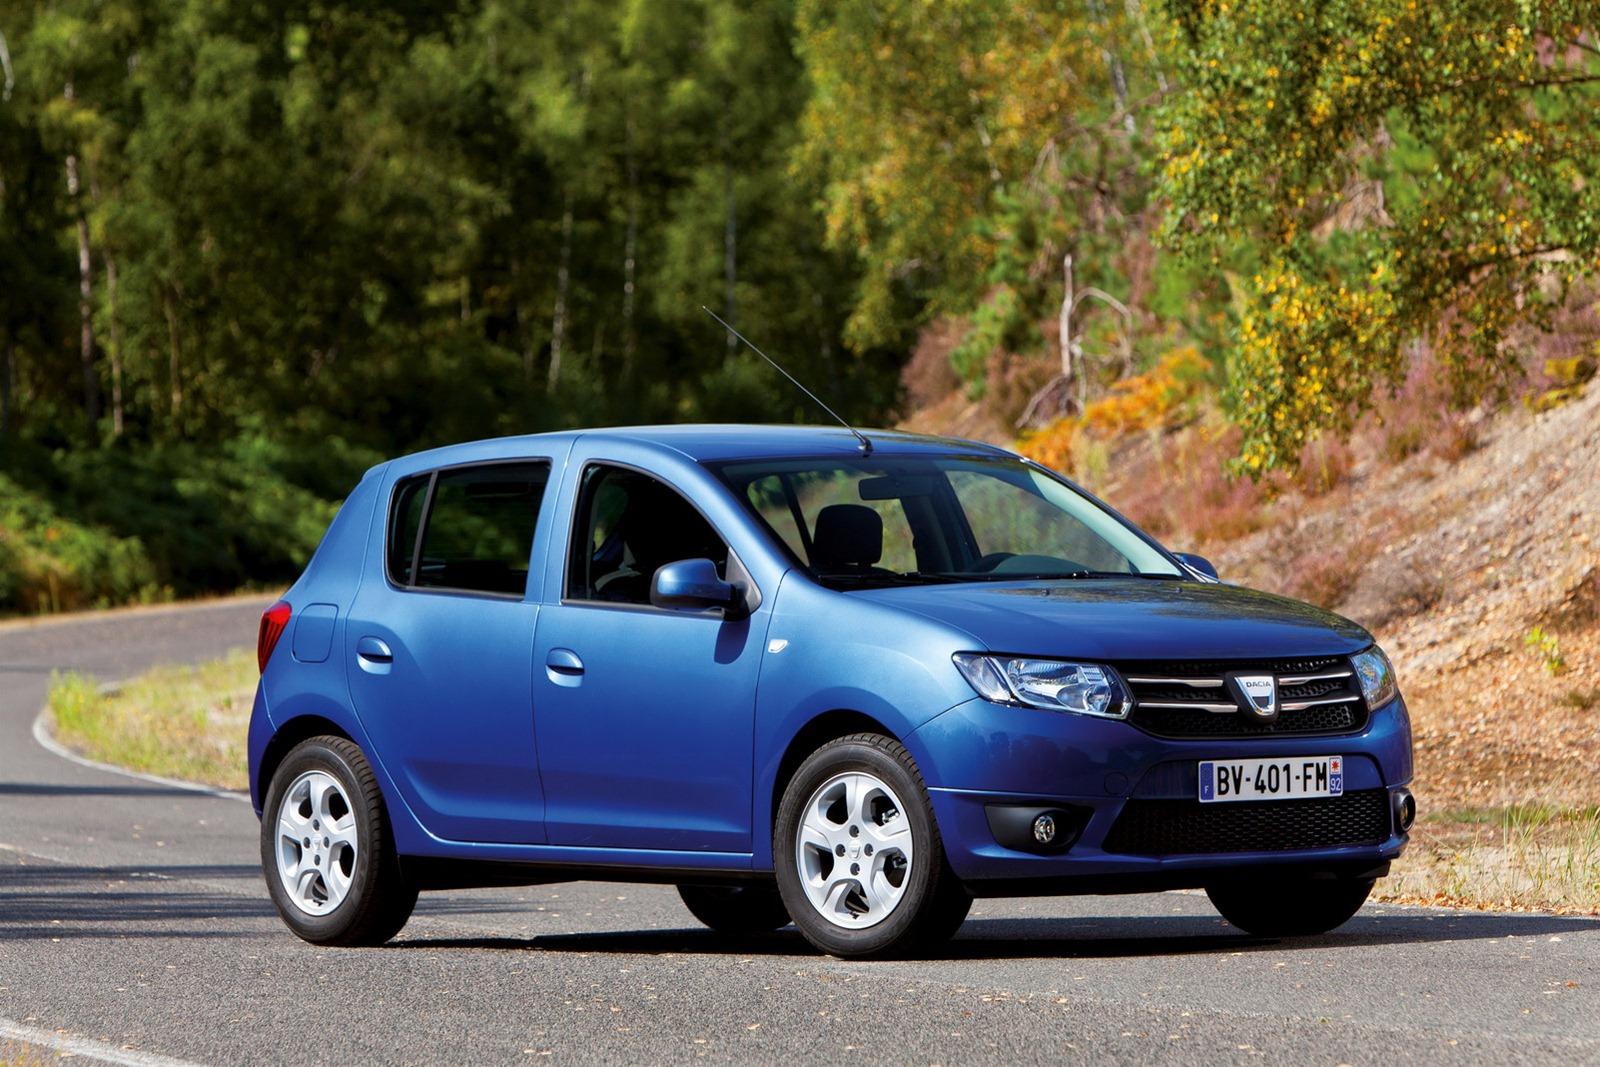 Dacia_Sandero_Front_3Q_Road